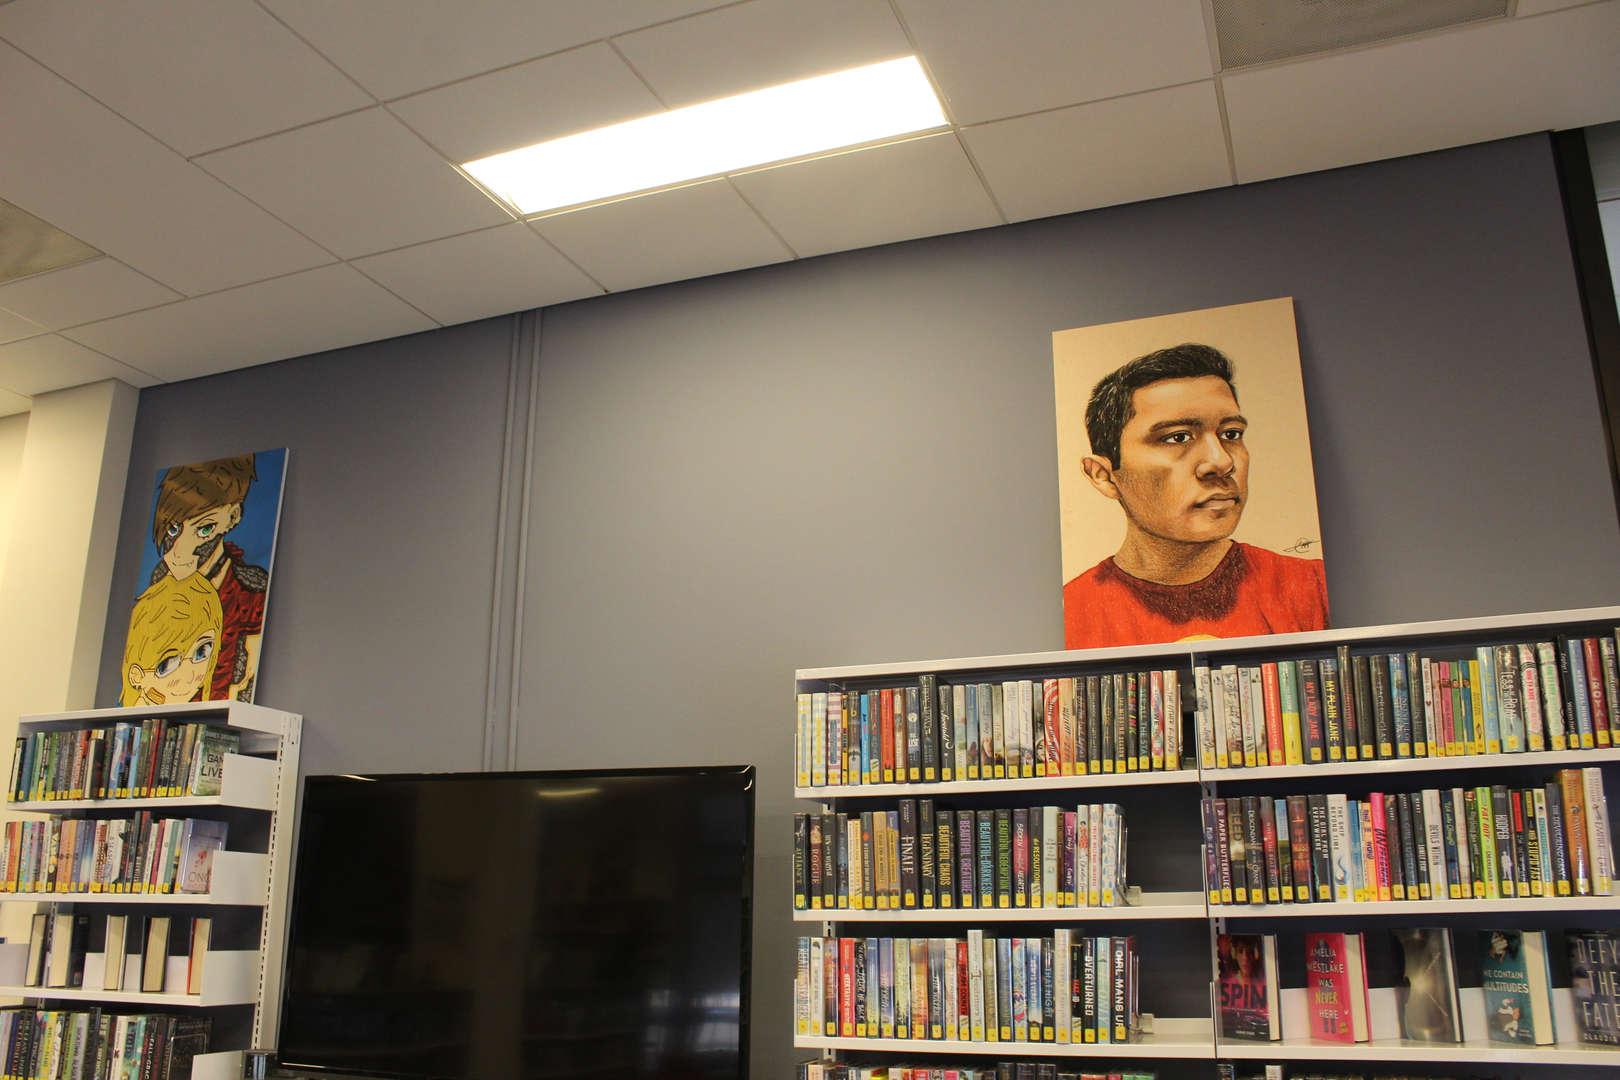 Art work on dipslay above library shelves